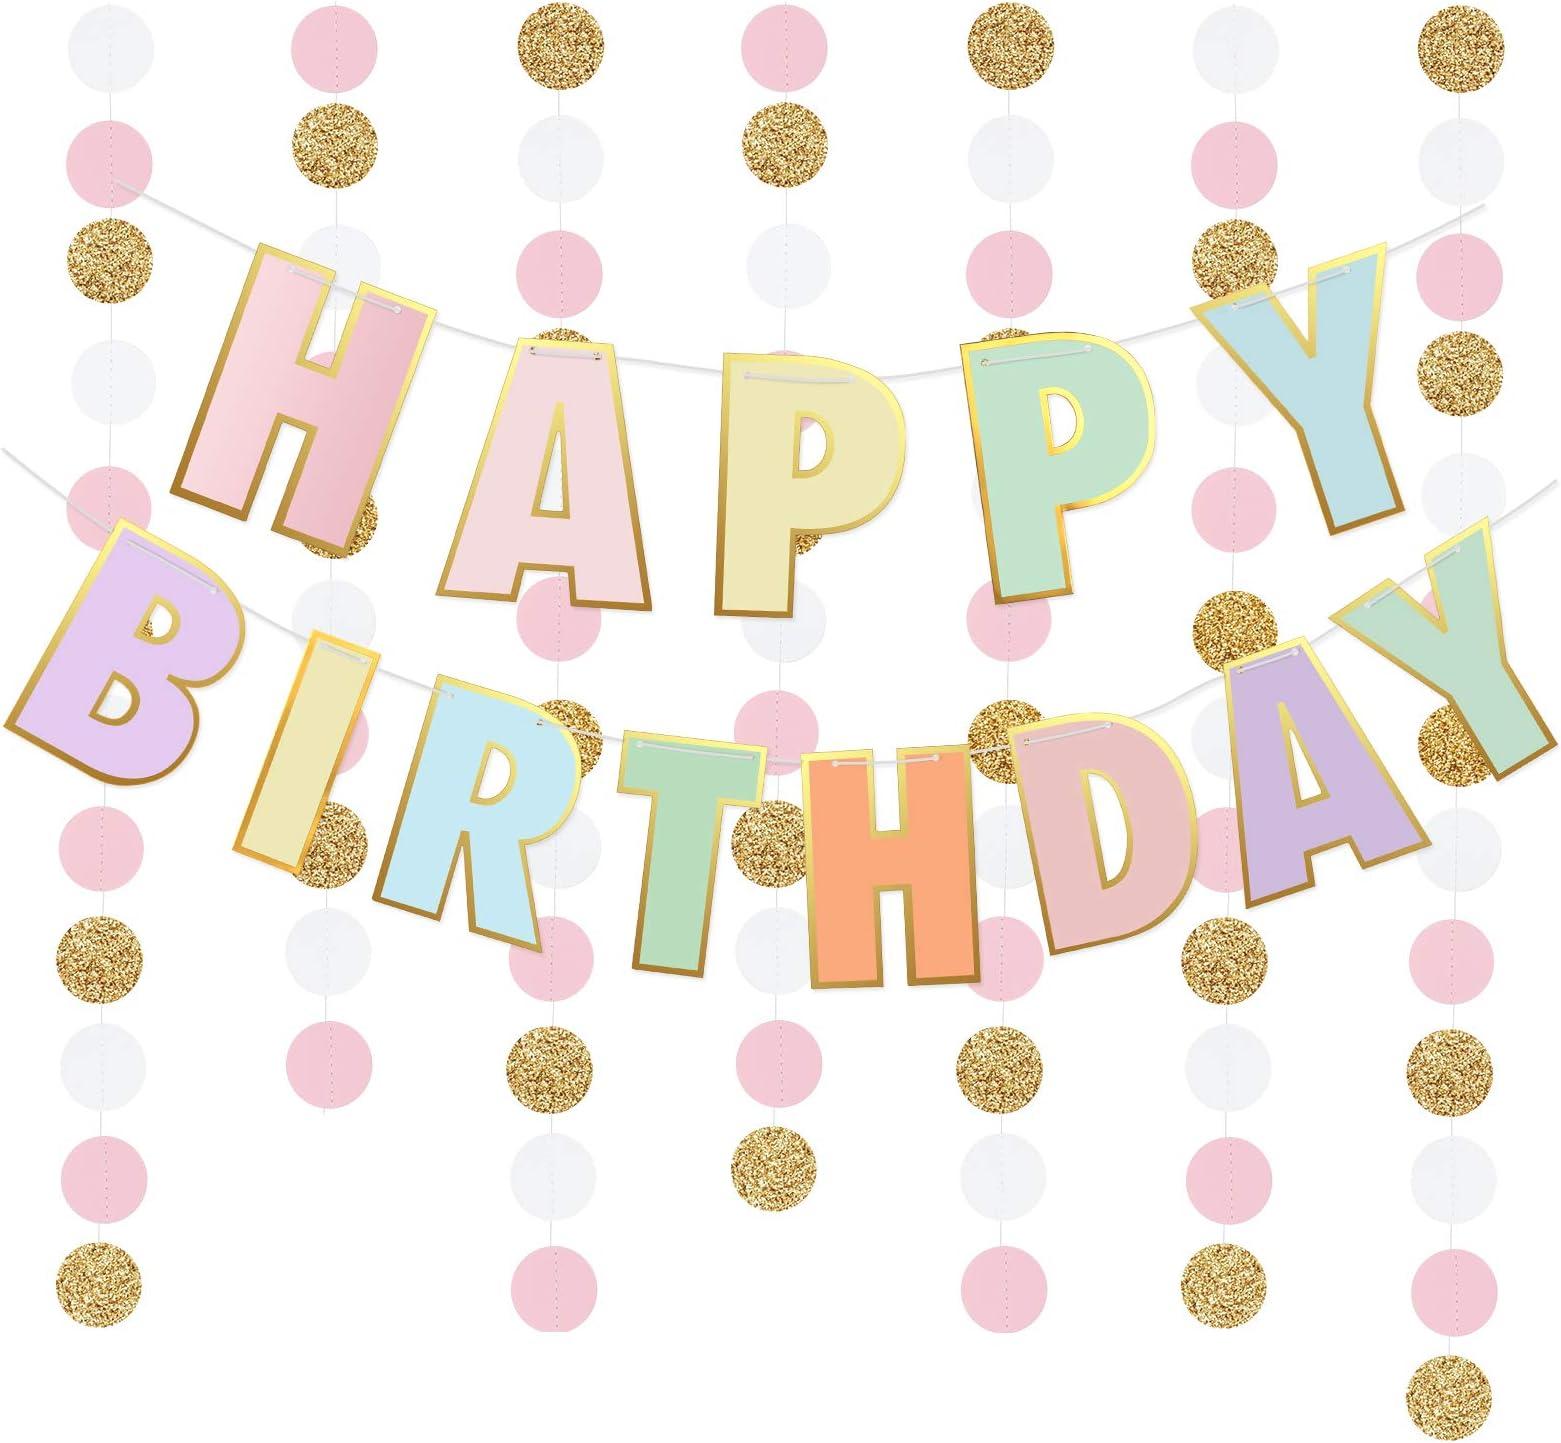 1st Birthday Photo-Childs Birthday Sign-Polka Dot Birthday Happy Birthday Sign-Happy Birthday Banner-Birthday Garland-Birthday Decorations